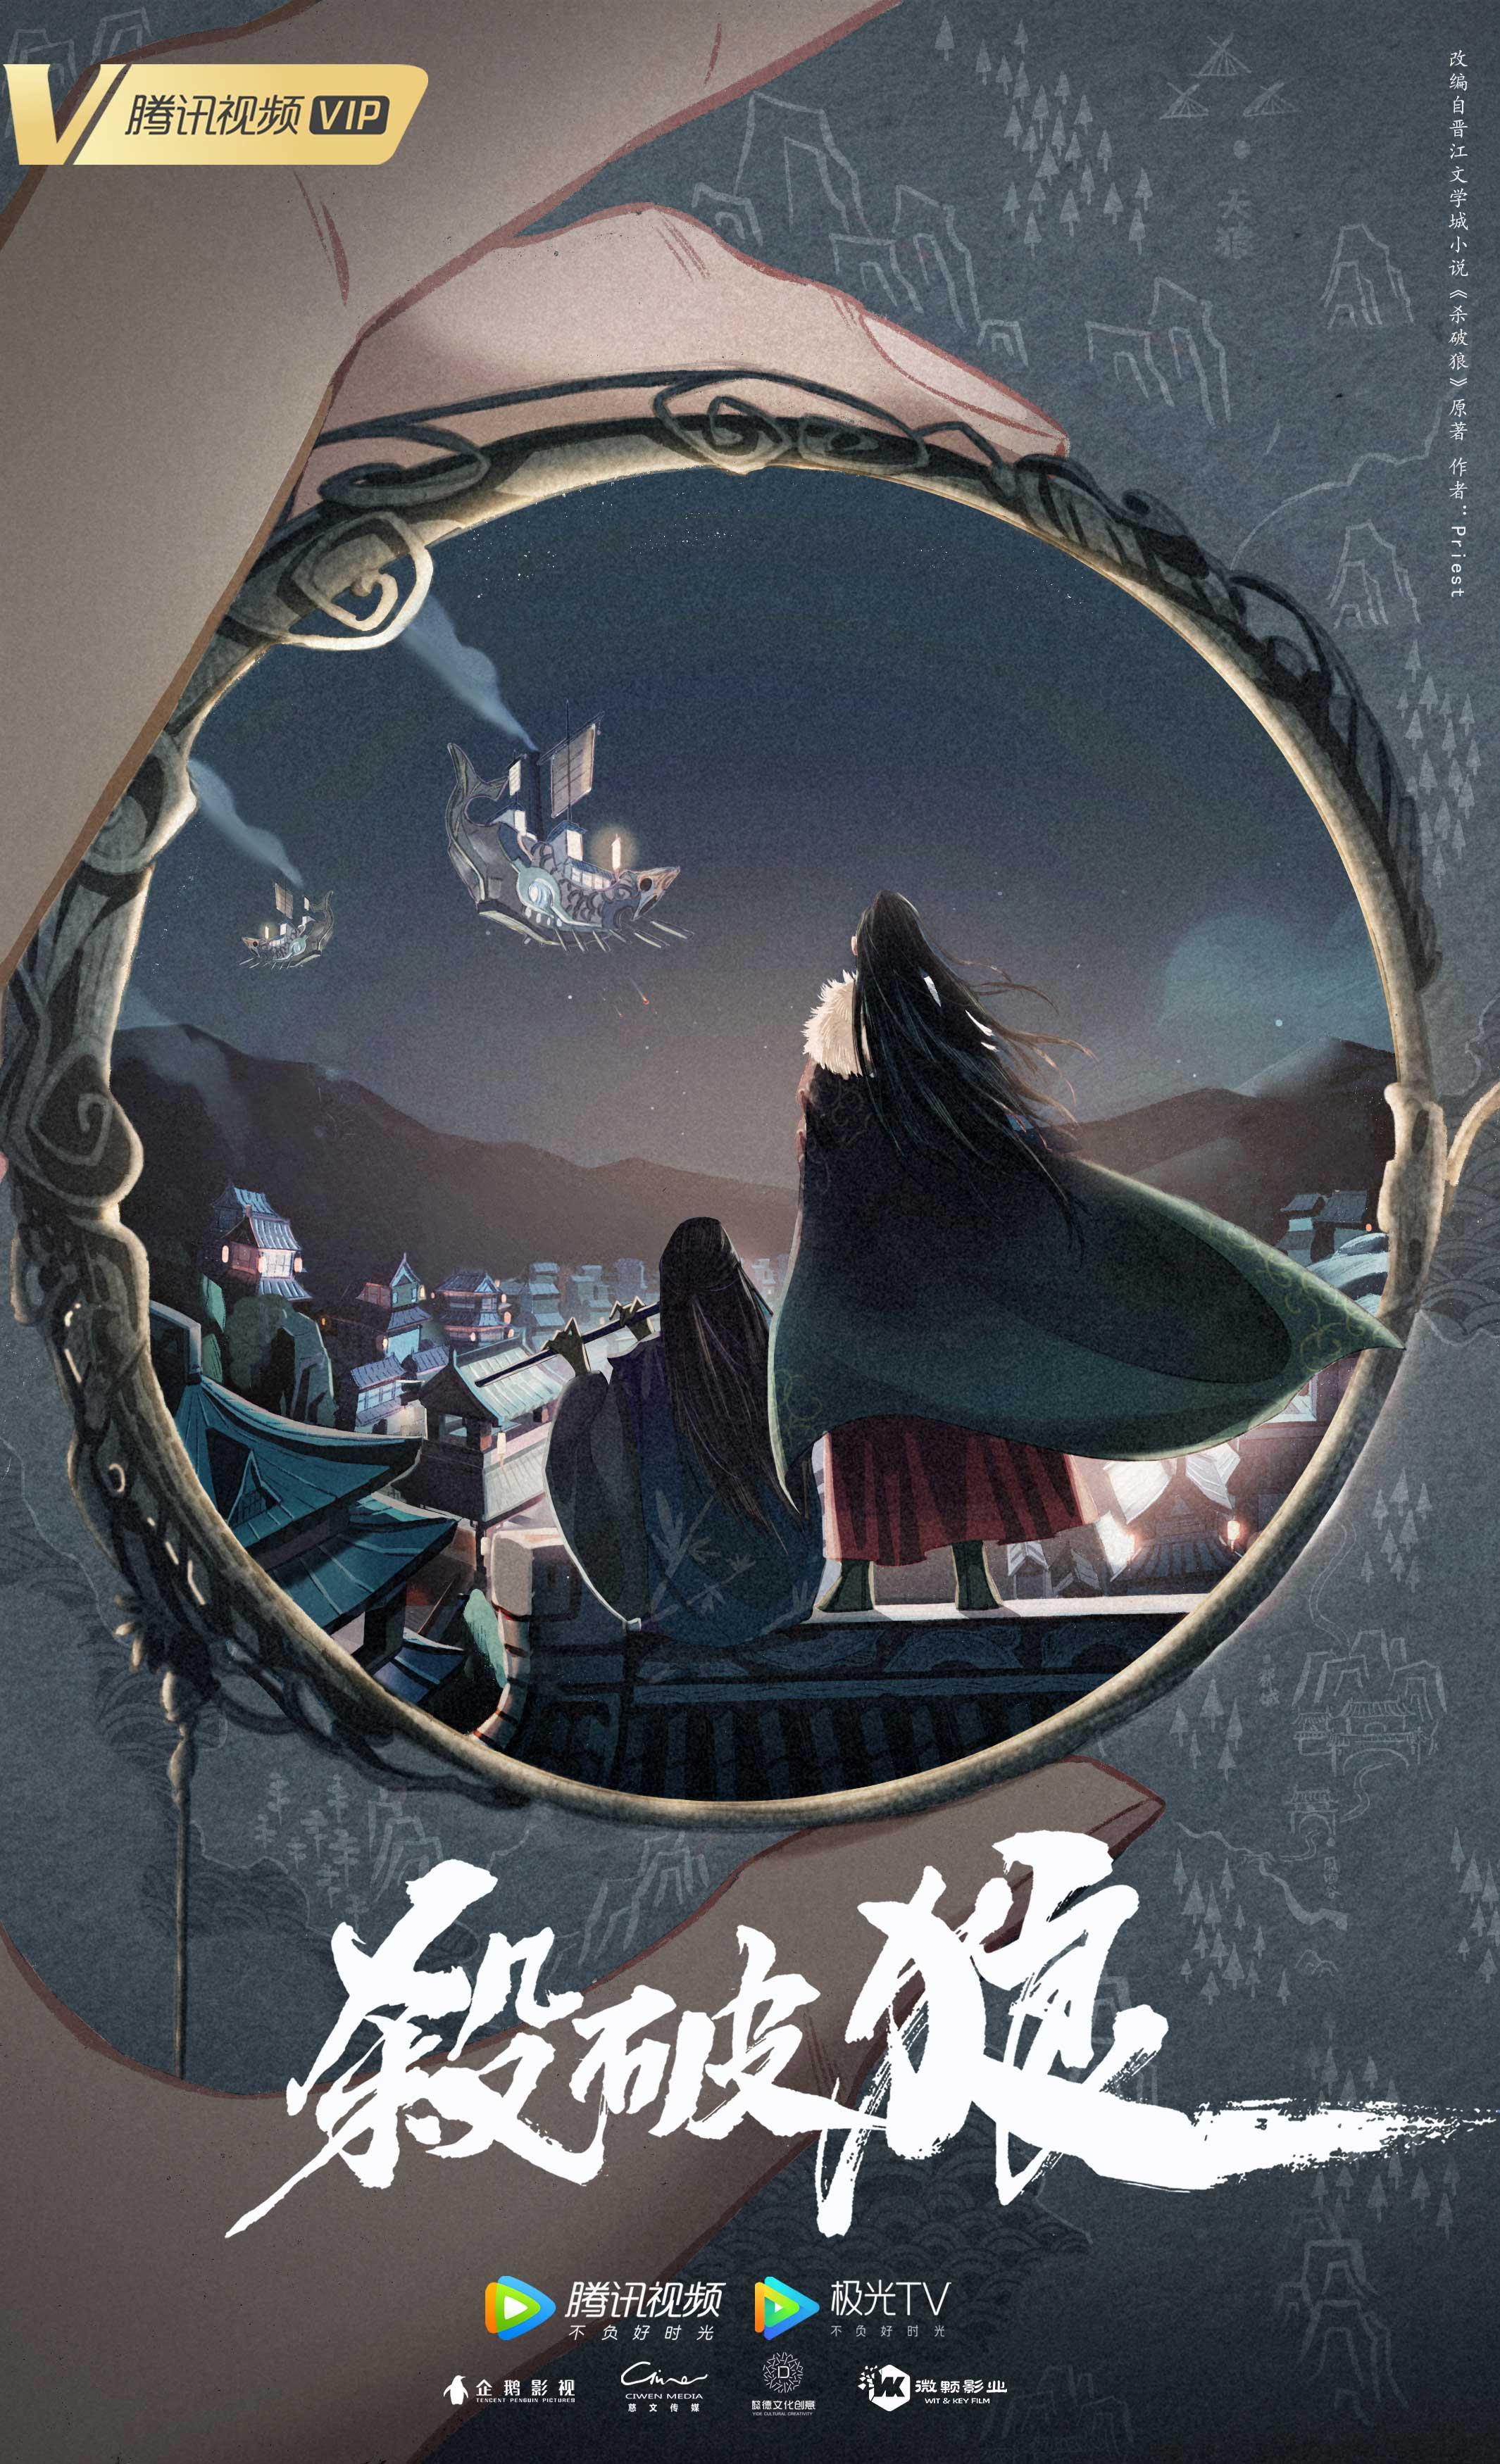 陈哲远《杀破狼》演绎热血少年成长史引期待